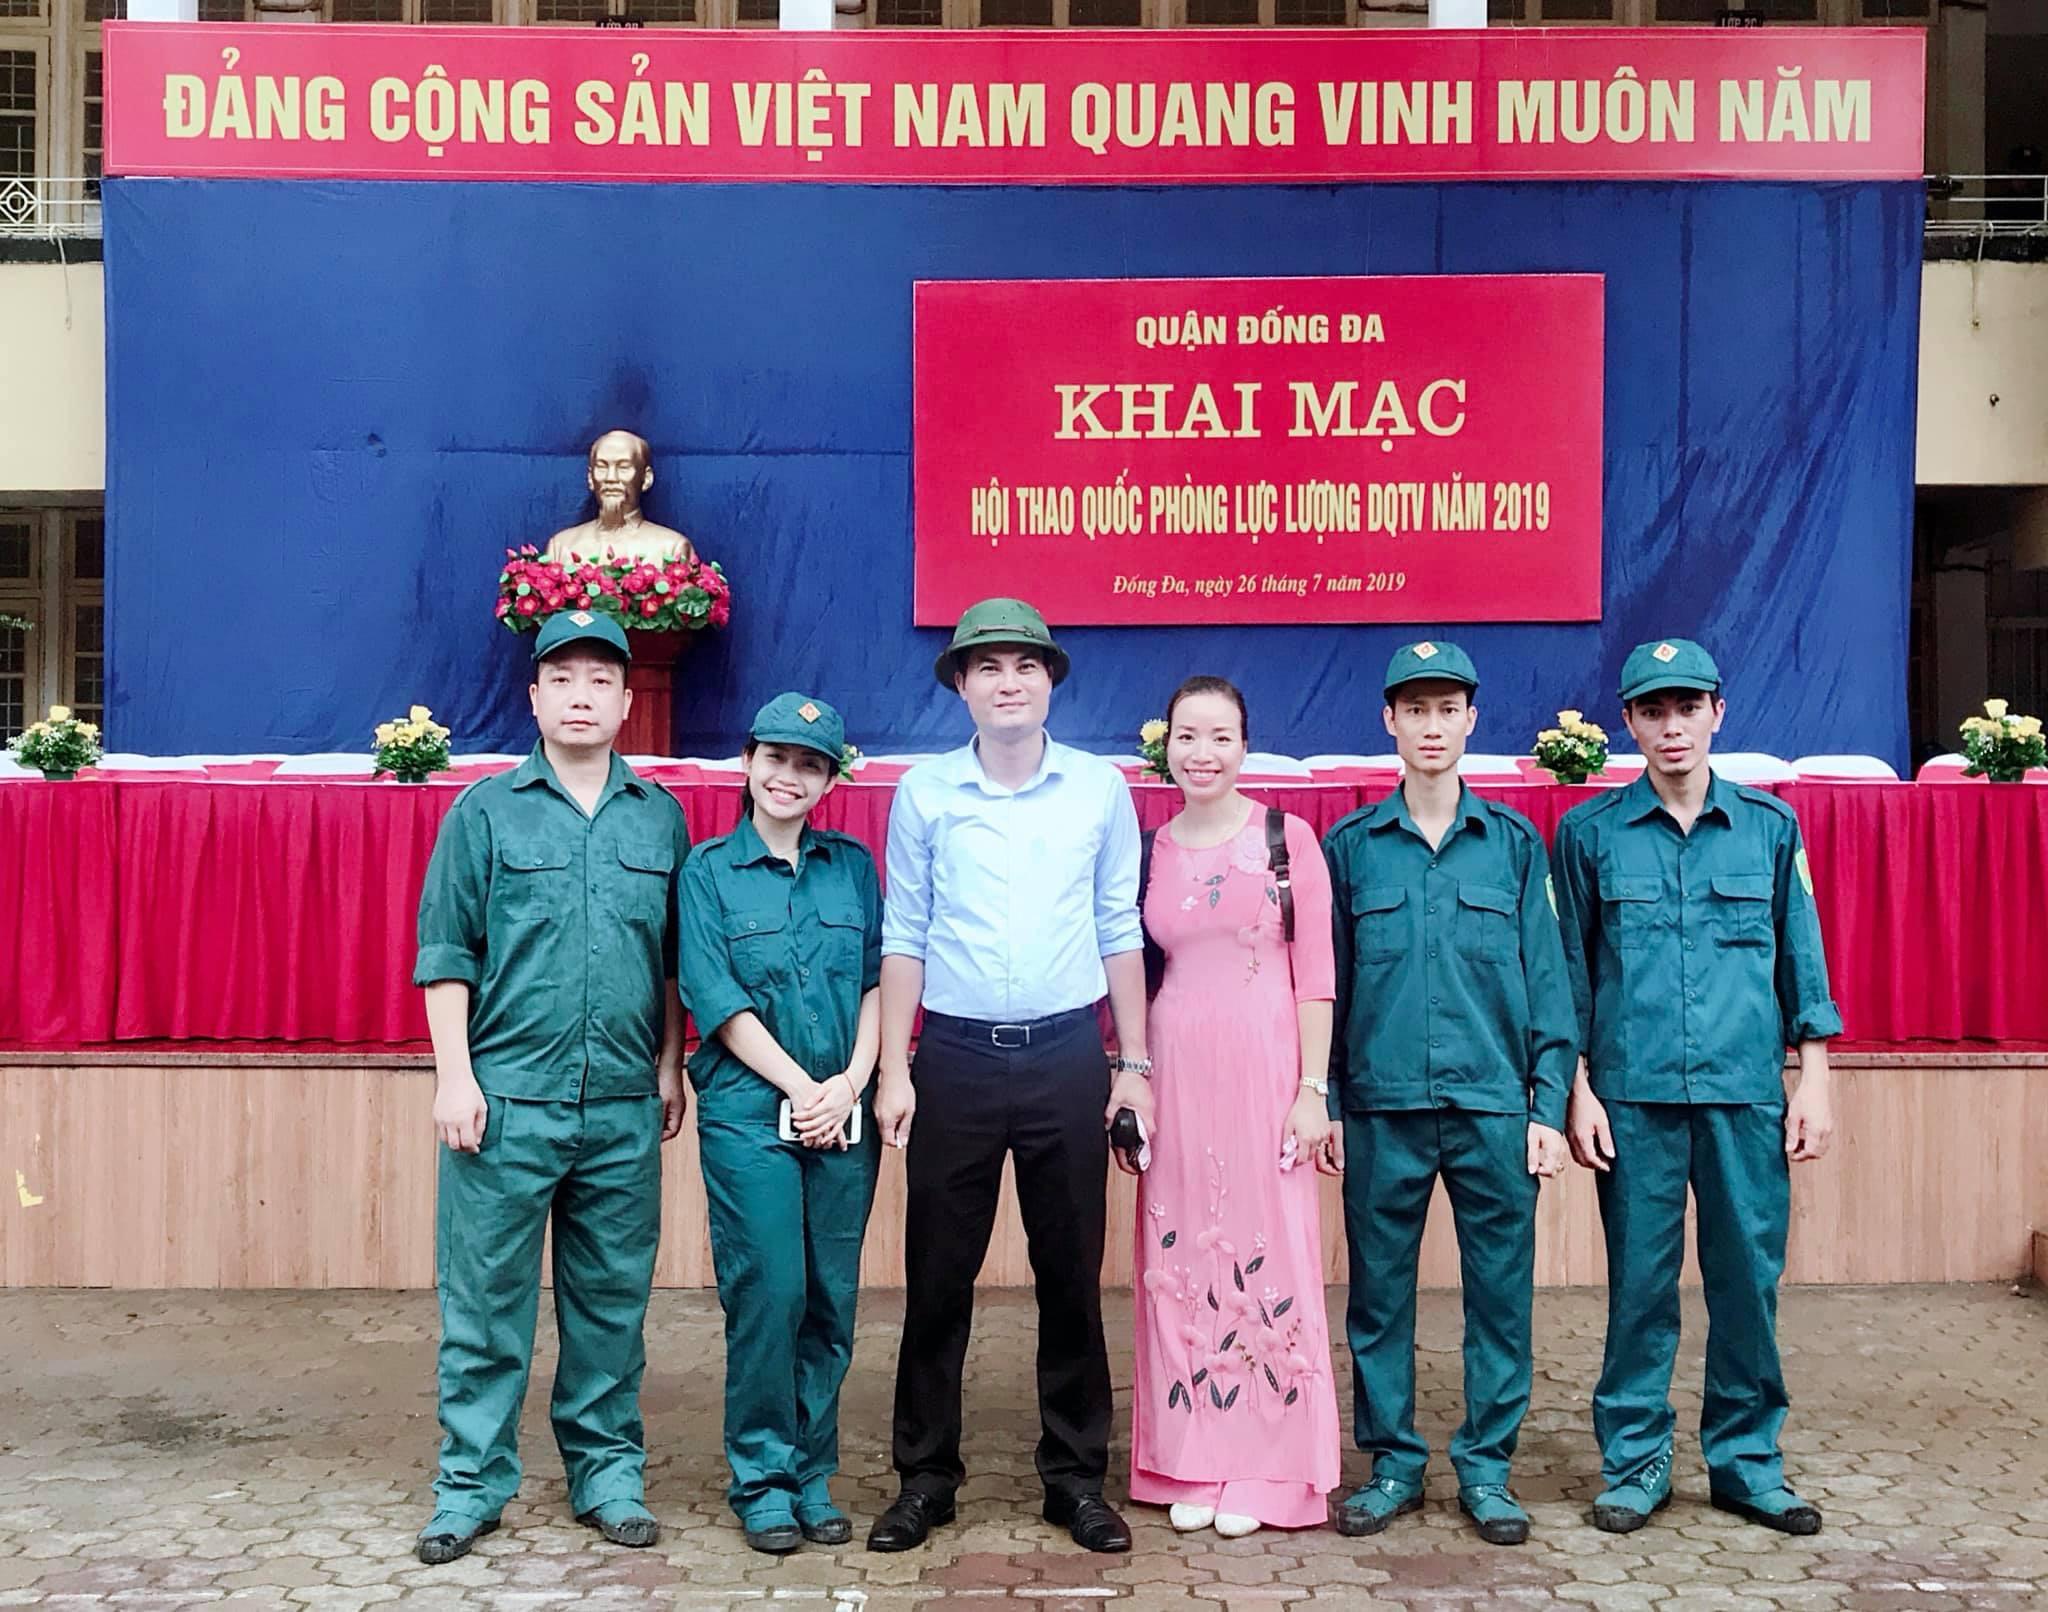 Chiến sĩ tự vệ Trường Đại học Văn hóa Hà Nội tham gia Hội thao Quốc phòng năm 2019